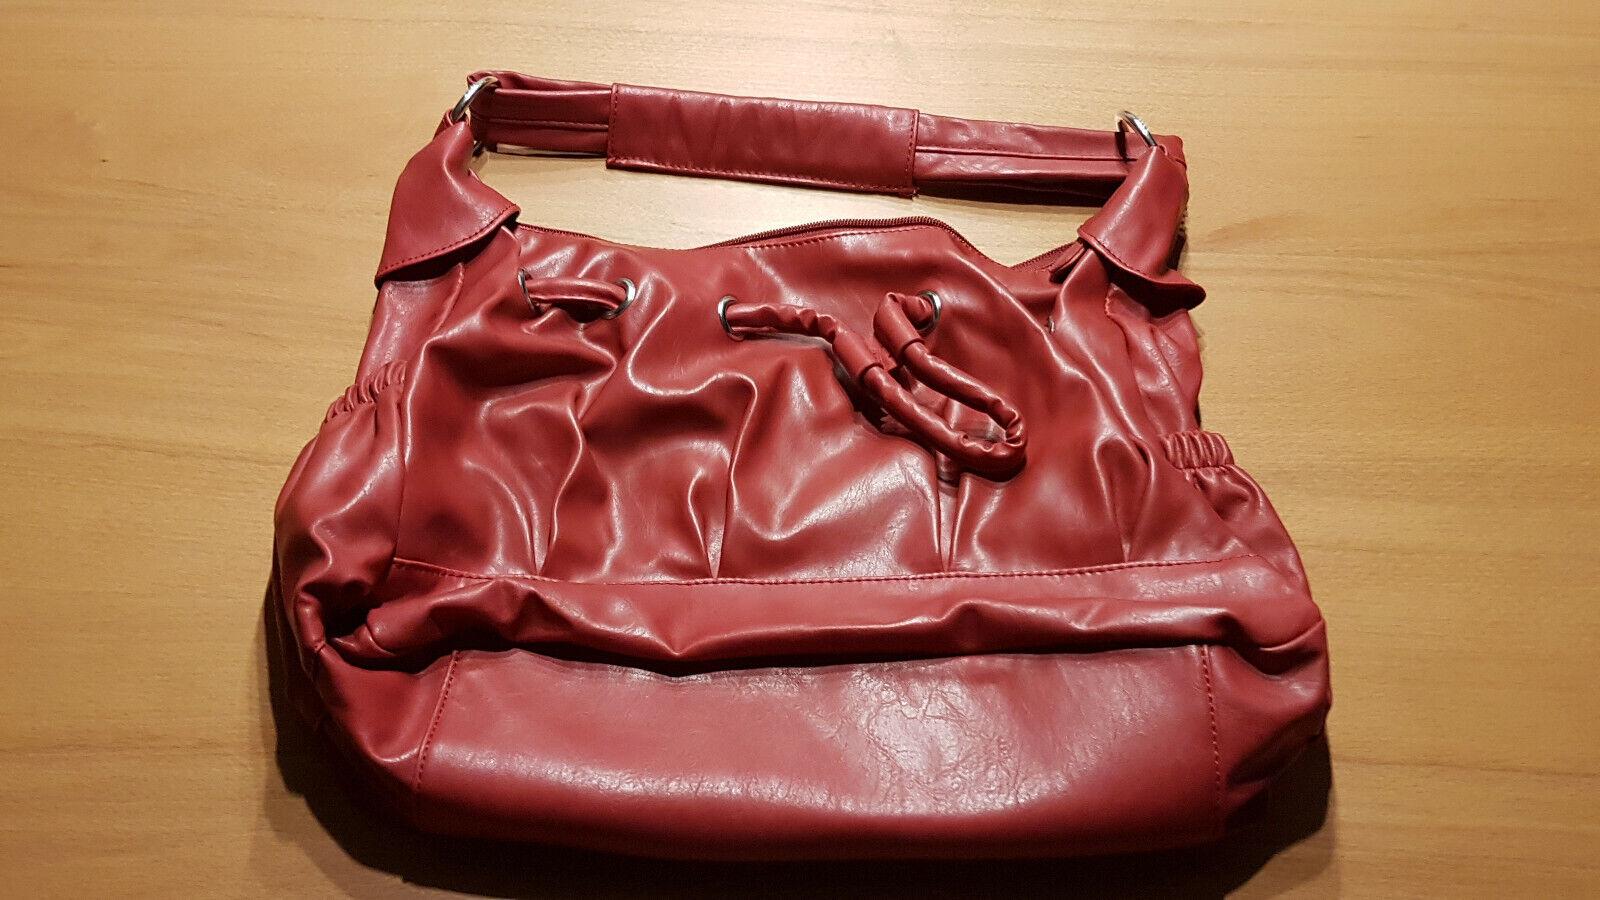 abbf727a1ba46 Handtaschen Leder Rot Test Vergleich +++ Handtaschen Leder Rot ...